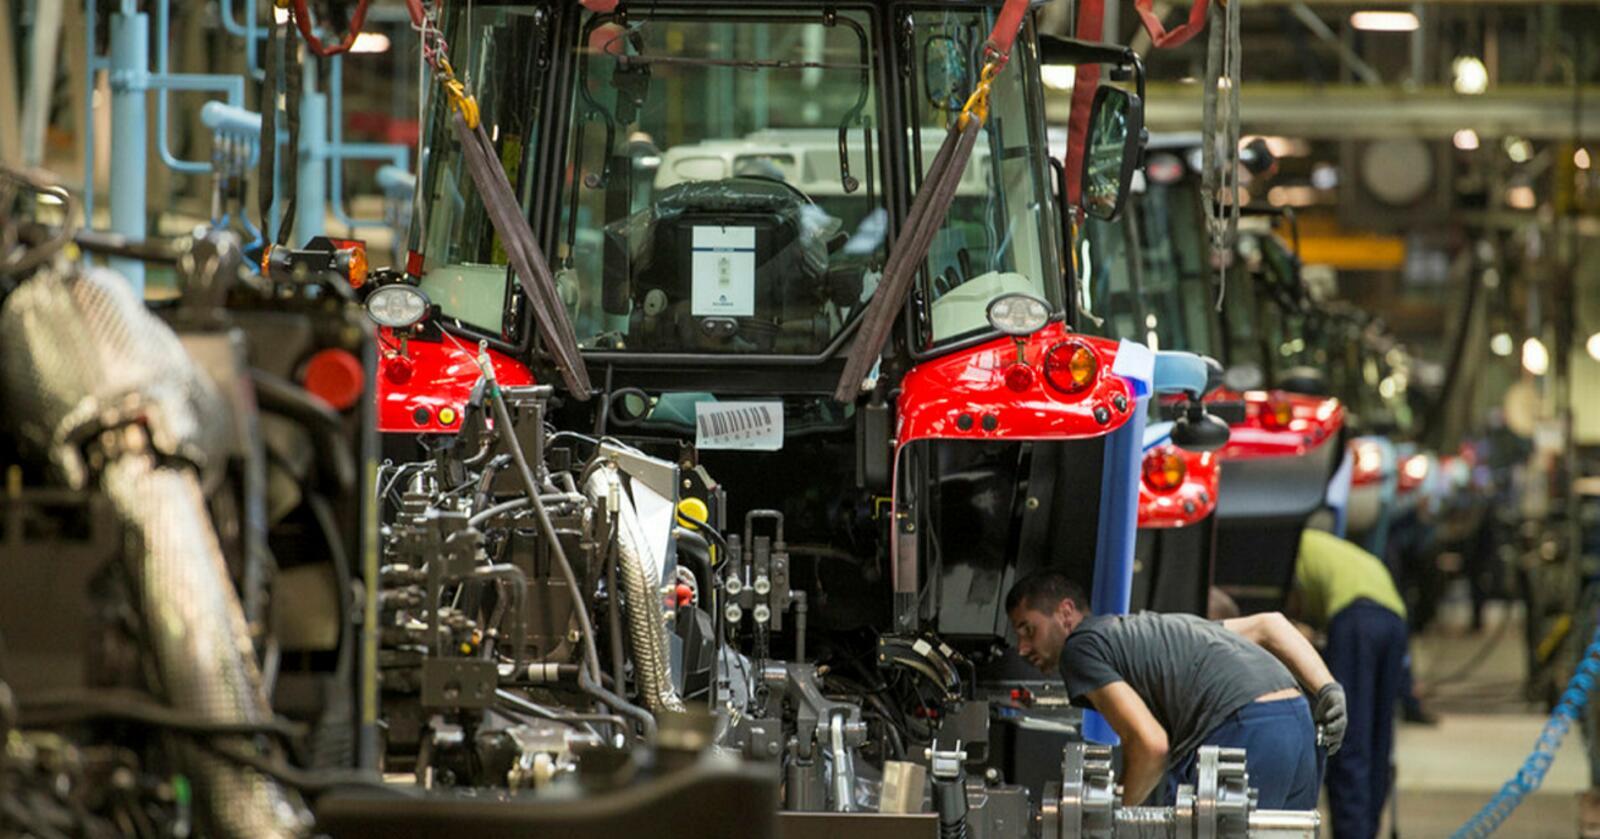 Agco's MF-fabrikk i Beauvais har vært stengt siden 17. mars. Nå gjenopptas produksjonen, takket være strenge smittevern-tiltak.